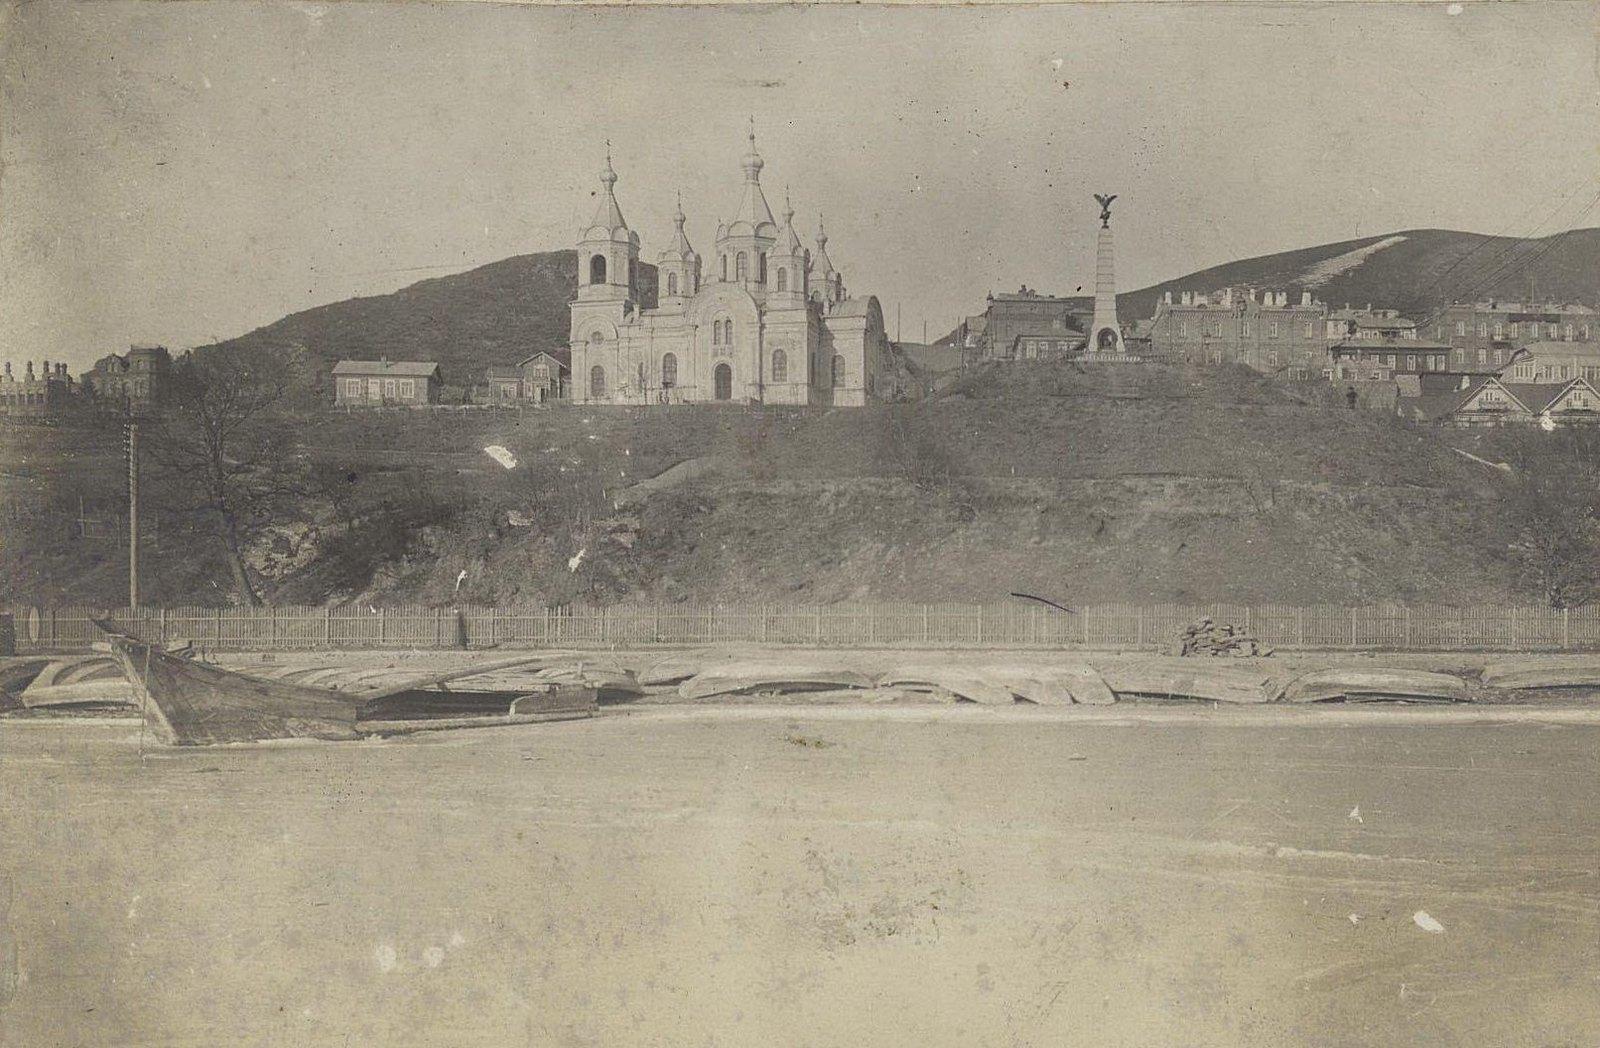 23. Церковь во Владивостоке